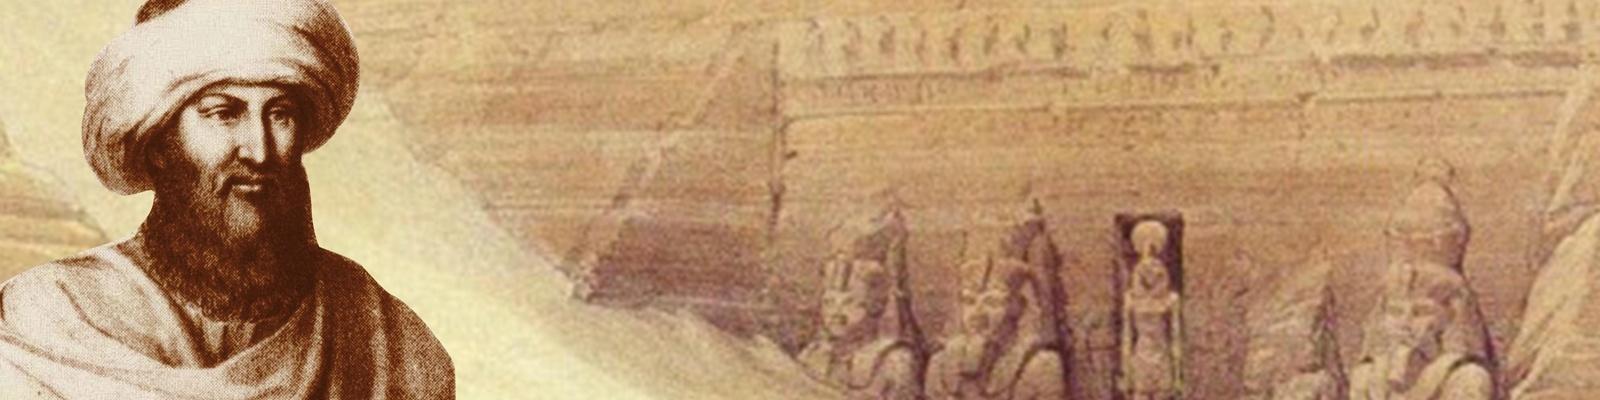 أبو سمبل 200 عام بعد رحيل الشيخ إبراهيم بوركهارت